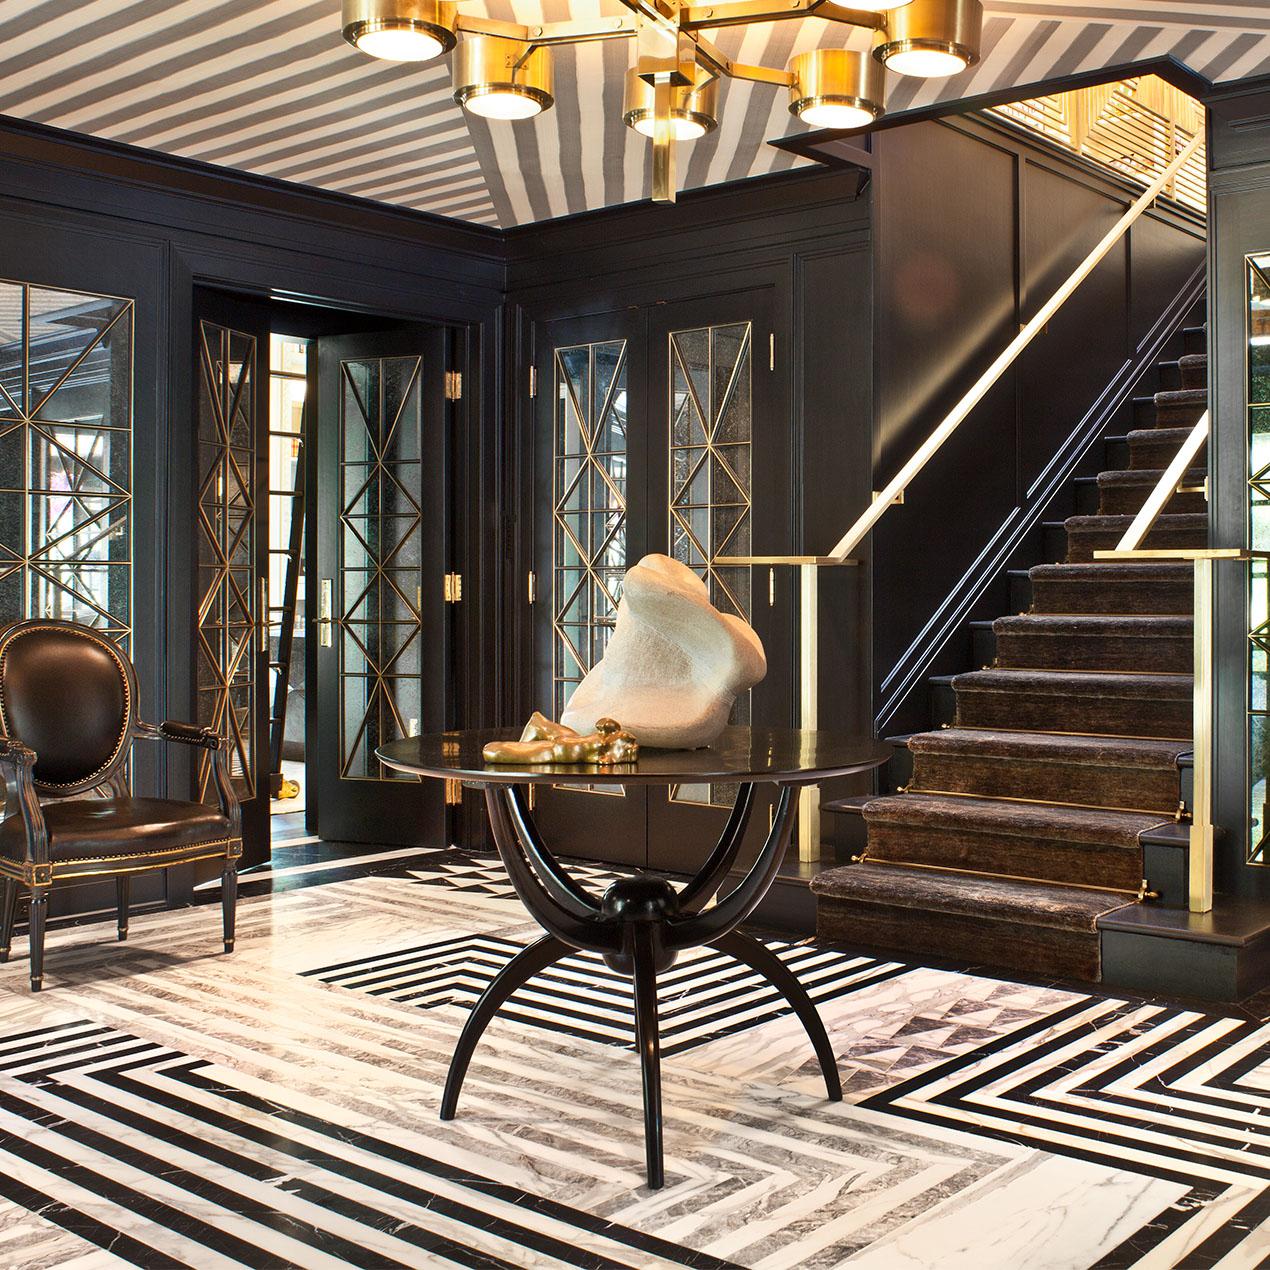 Kelly Wearstler Online Store Kelly Wearstler: Kelly Wearstler Online Store: Interiors Residence Designed